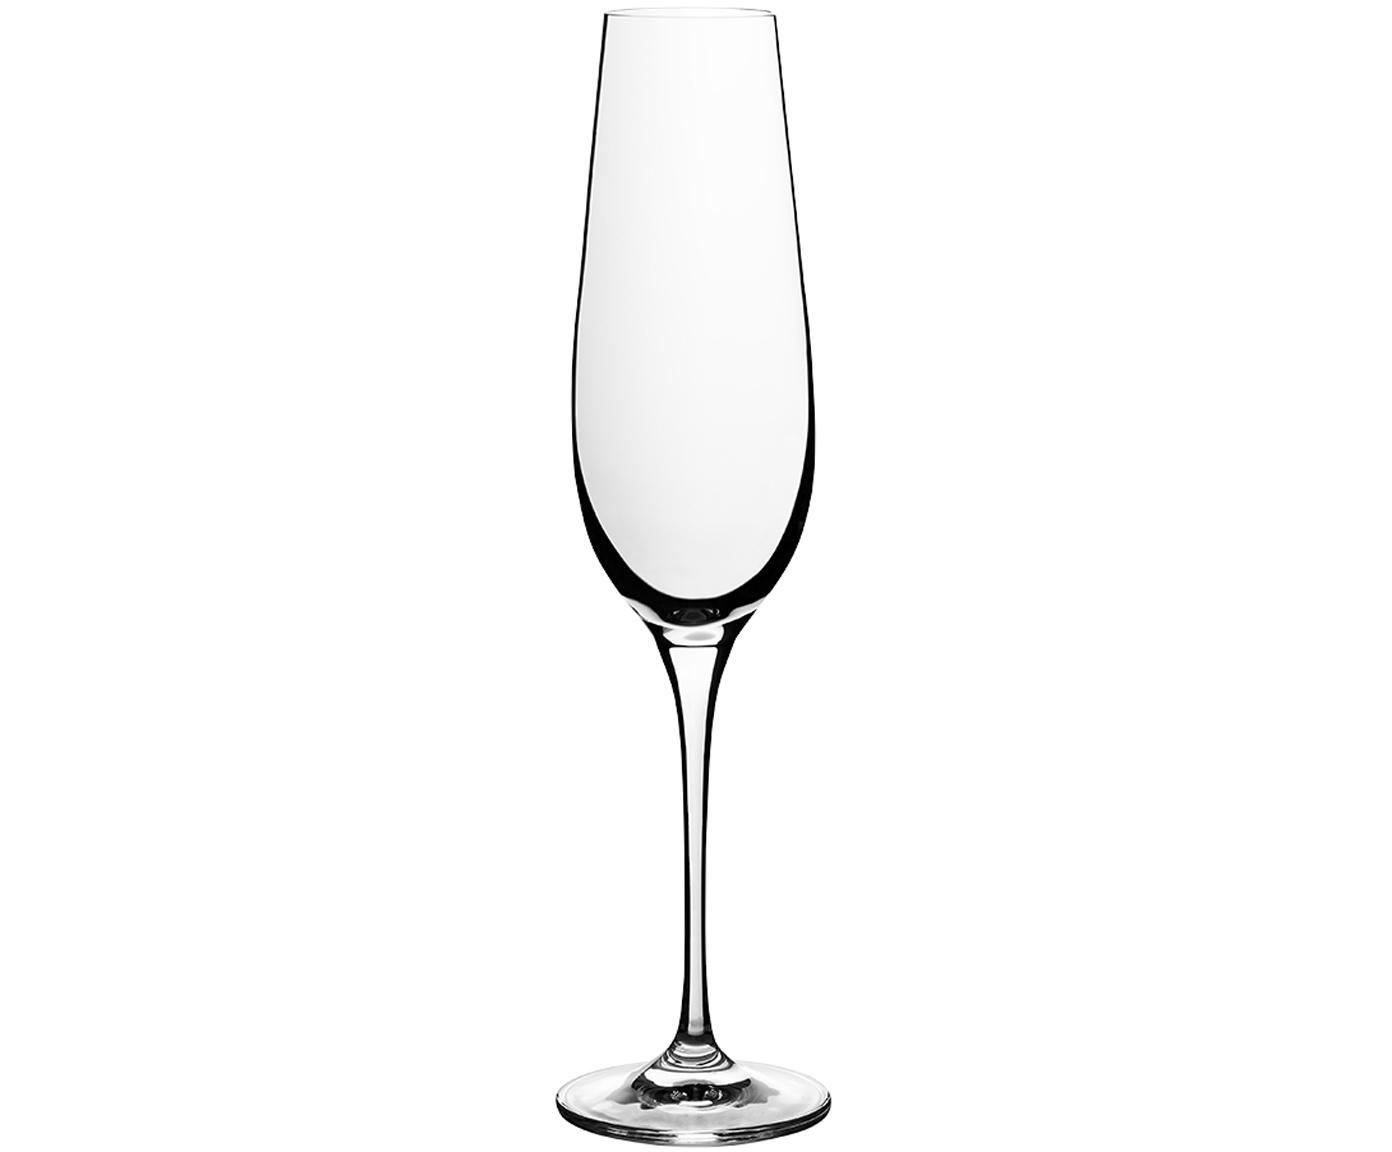 Sekt- und Champagnergläser Harmony aus glattem Kristallglas, 6er-Set, Edelster Glanz – das Kristallglas bricht einfallendes Licht besonders stark. So entsteht ein märchenhaftes Funkeln, das jede Champagnerverkostung zu einem ganz besonderen Erlebnis macht., Transparent, 200 ml